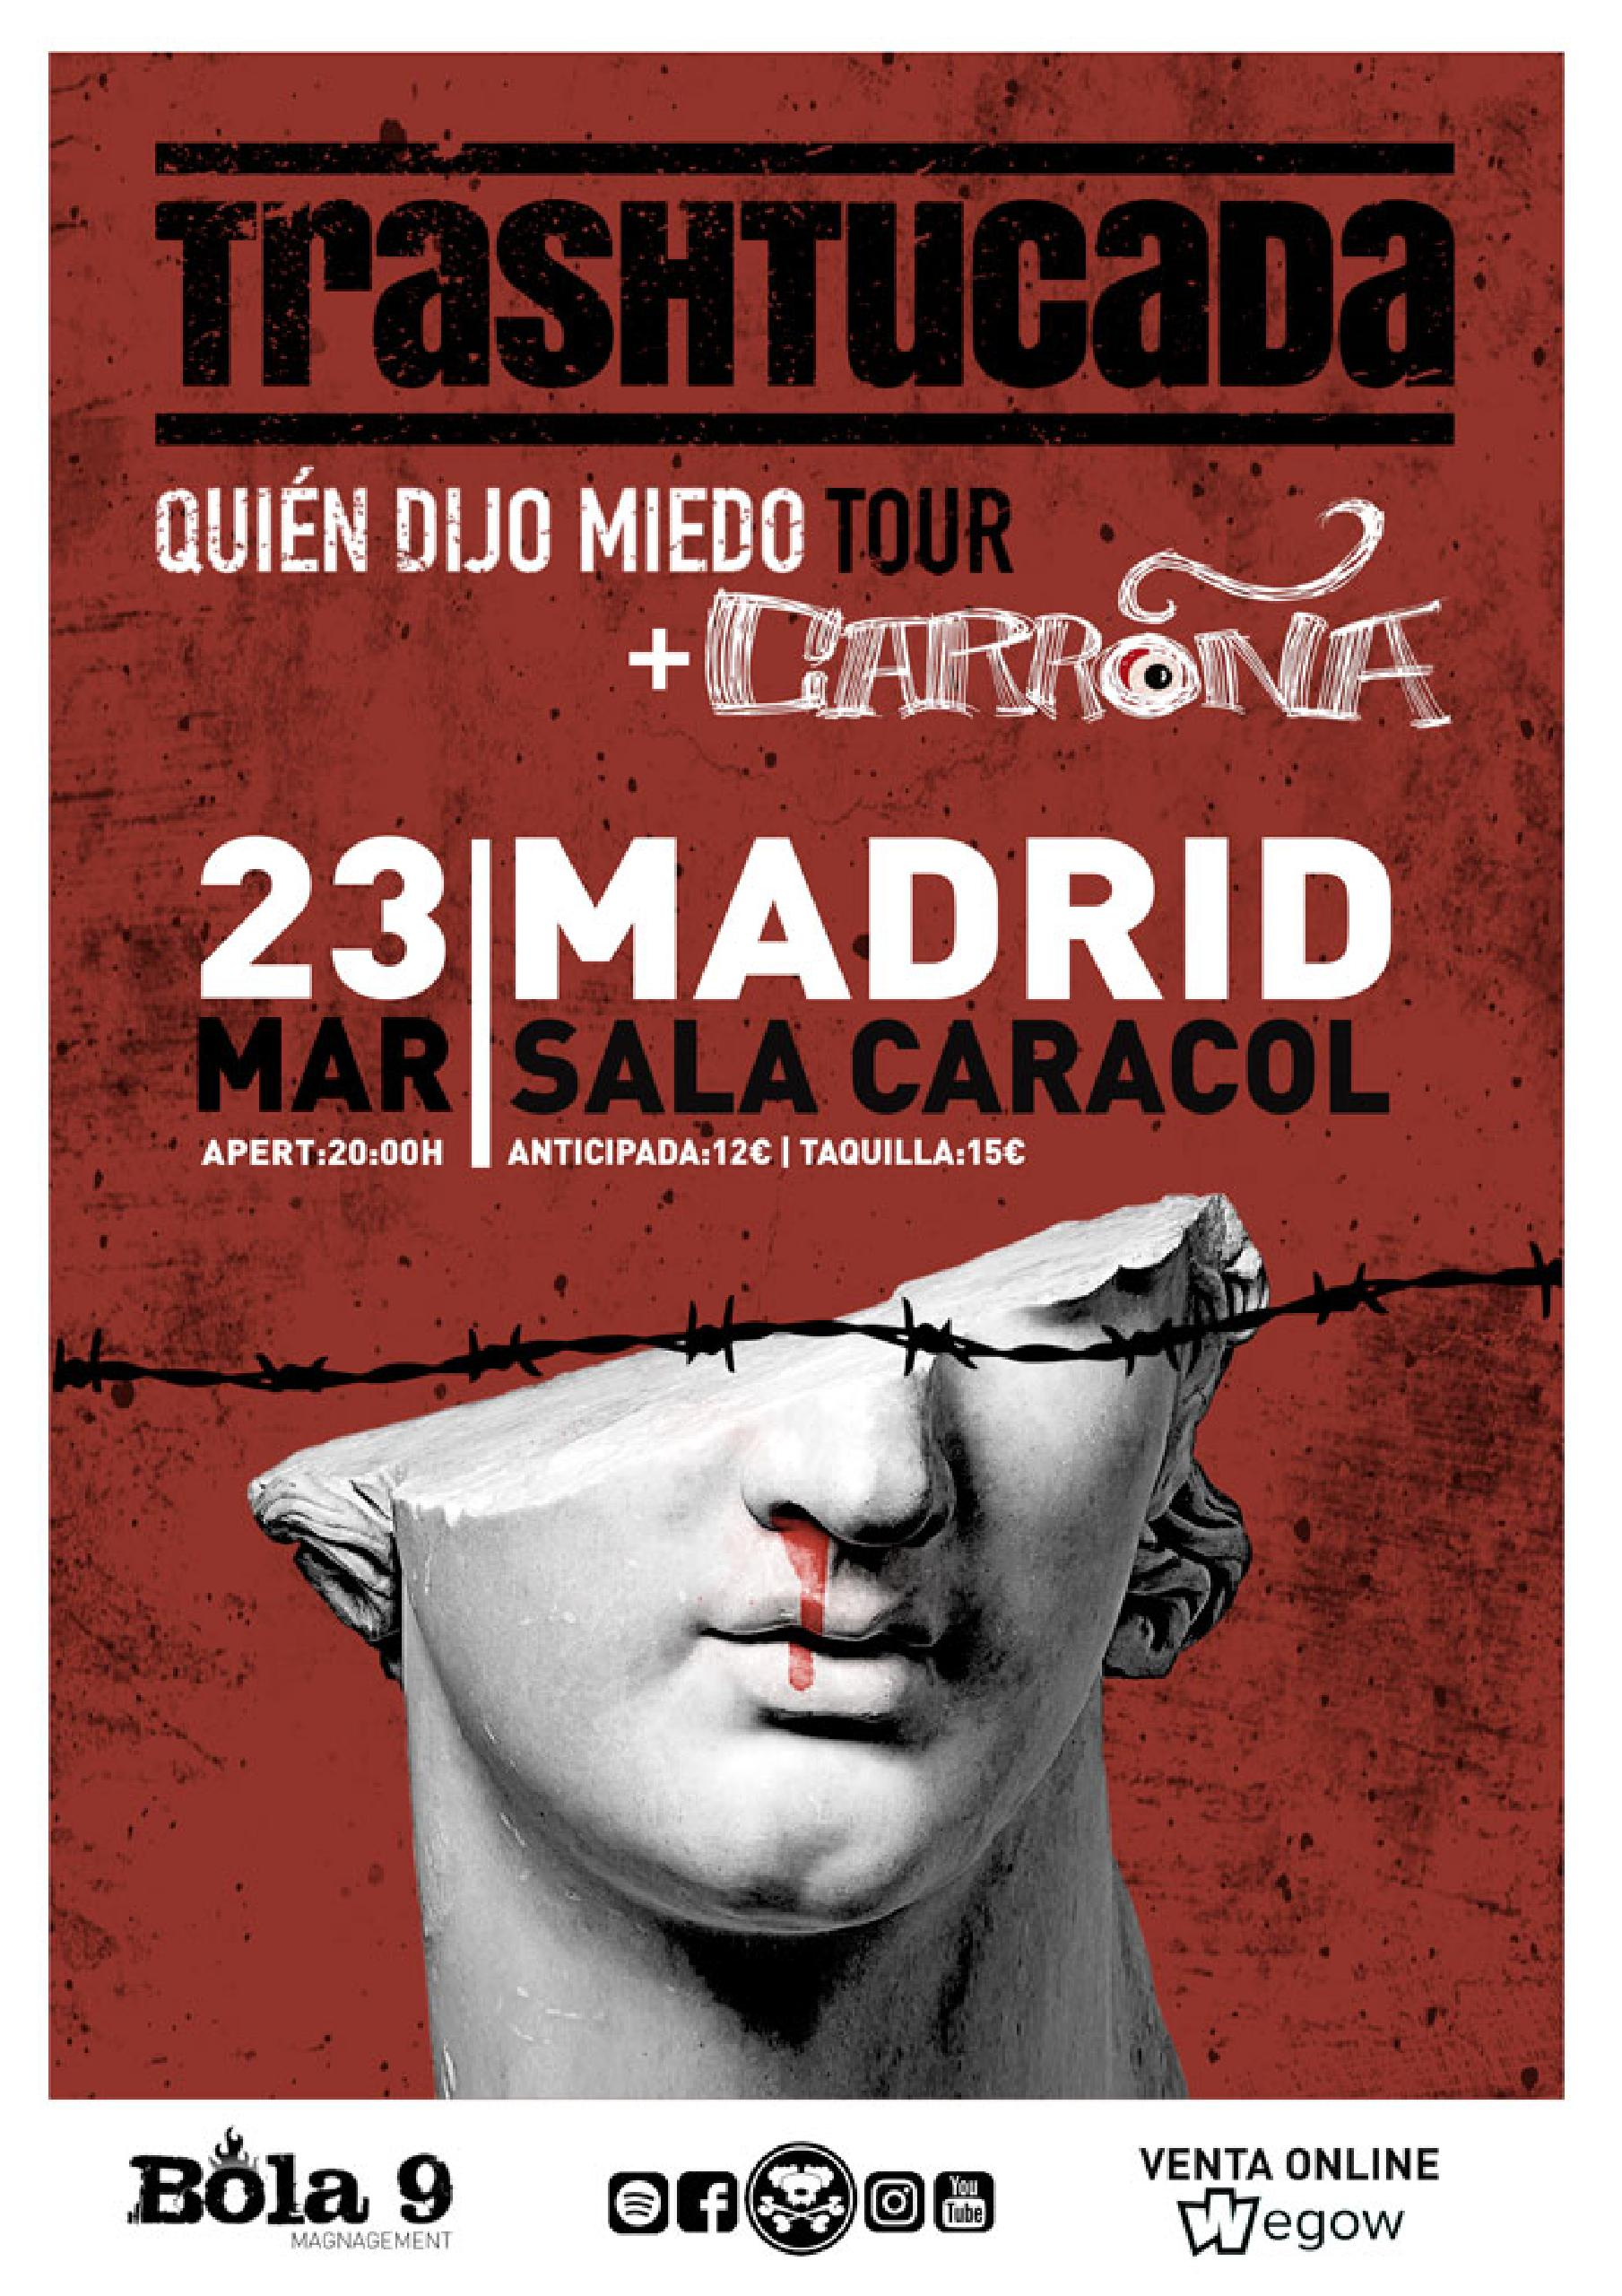 CONCIERTO de TRASHTUCADA en MADRID